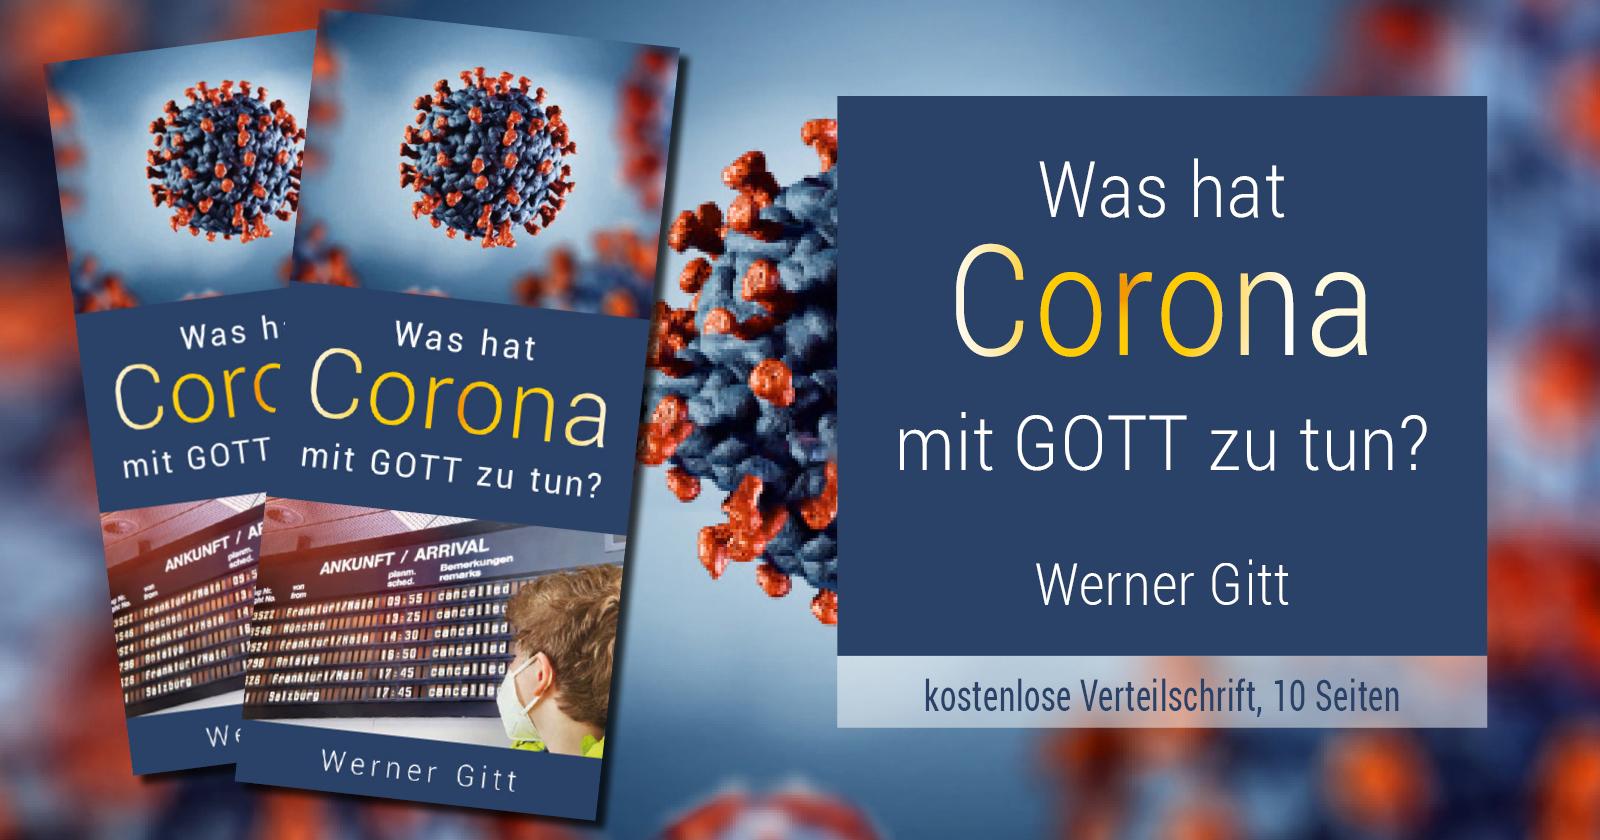 Was hat Corona mit Gott zu tun?